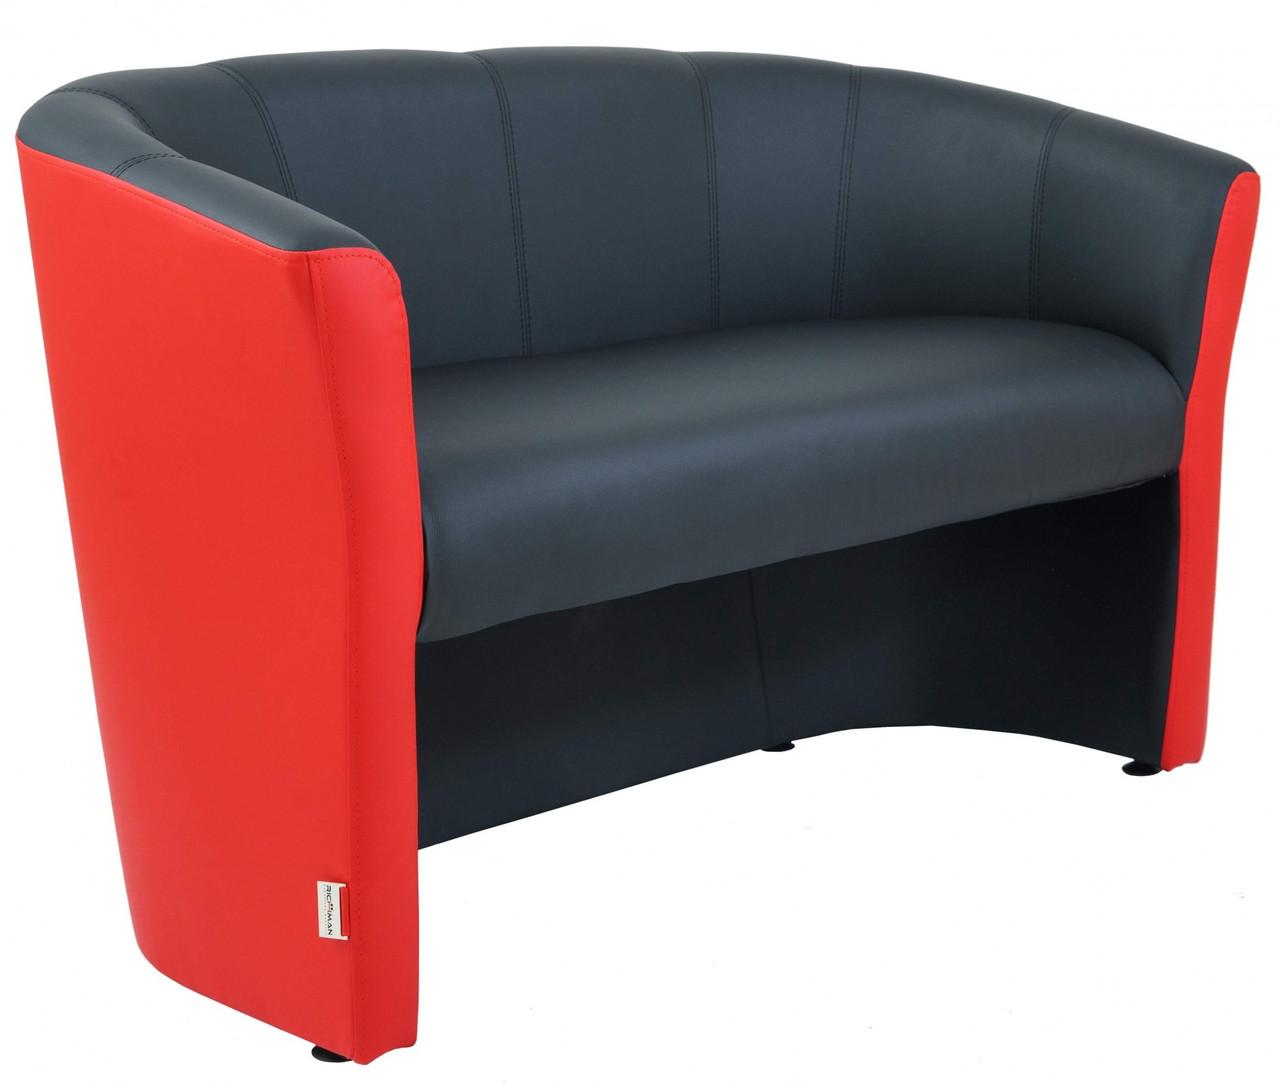 Диван Richman Бум Двойка 650 x 1300 x 800H см Флай 2230/2210 Красный + Черный